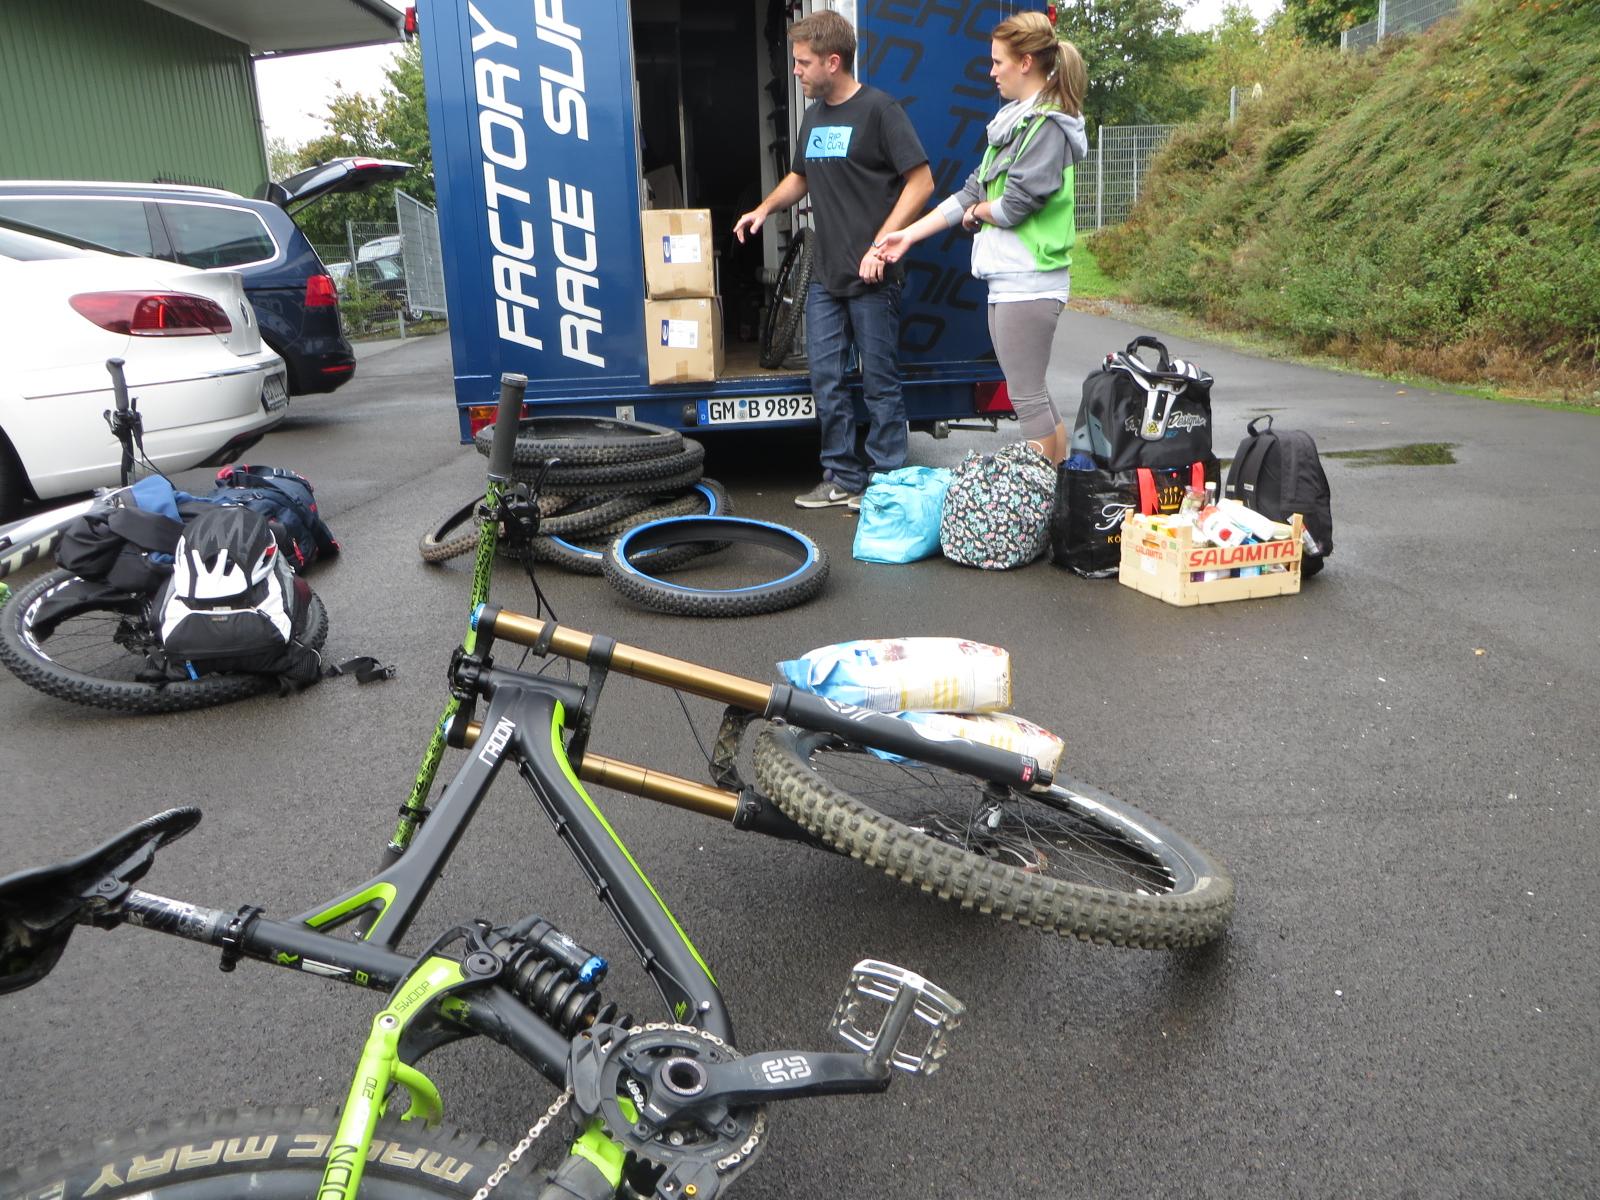 Die Bikes müssen auf jeden Fall auch mit! ©Oliver Fuhrmann